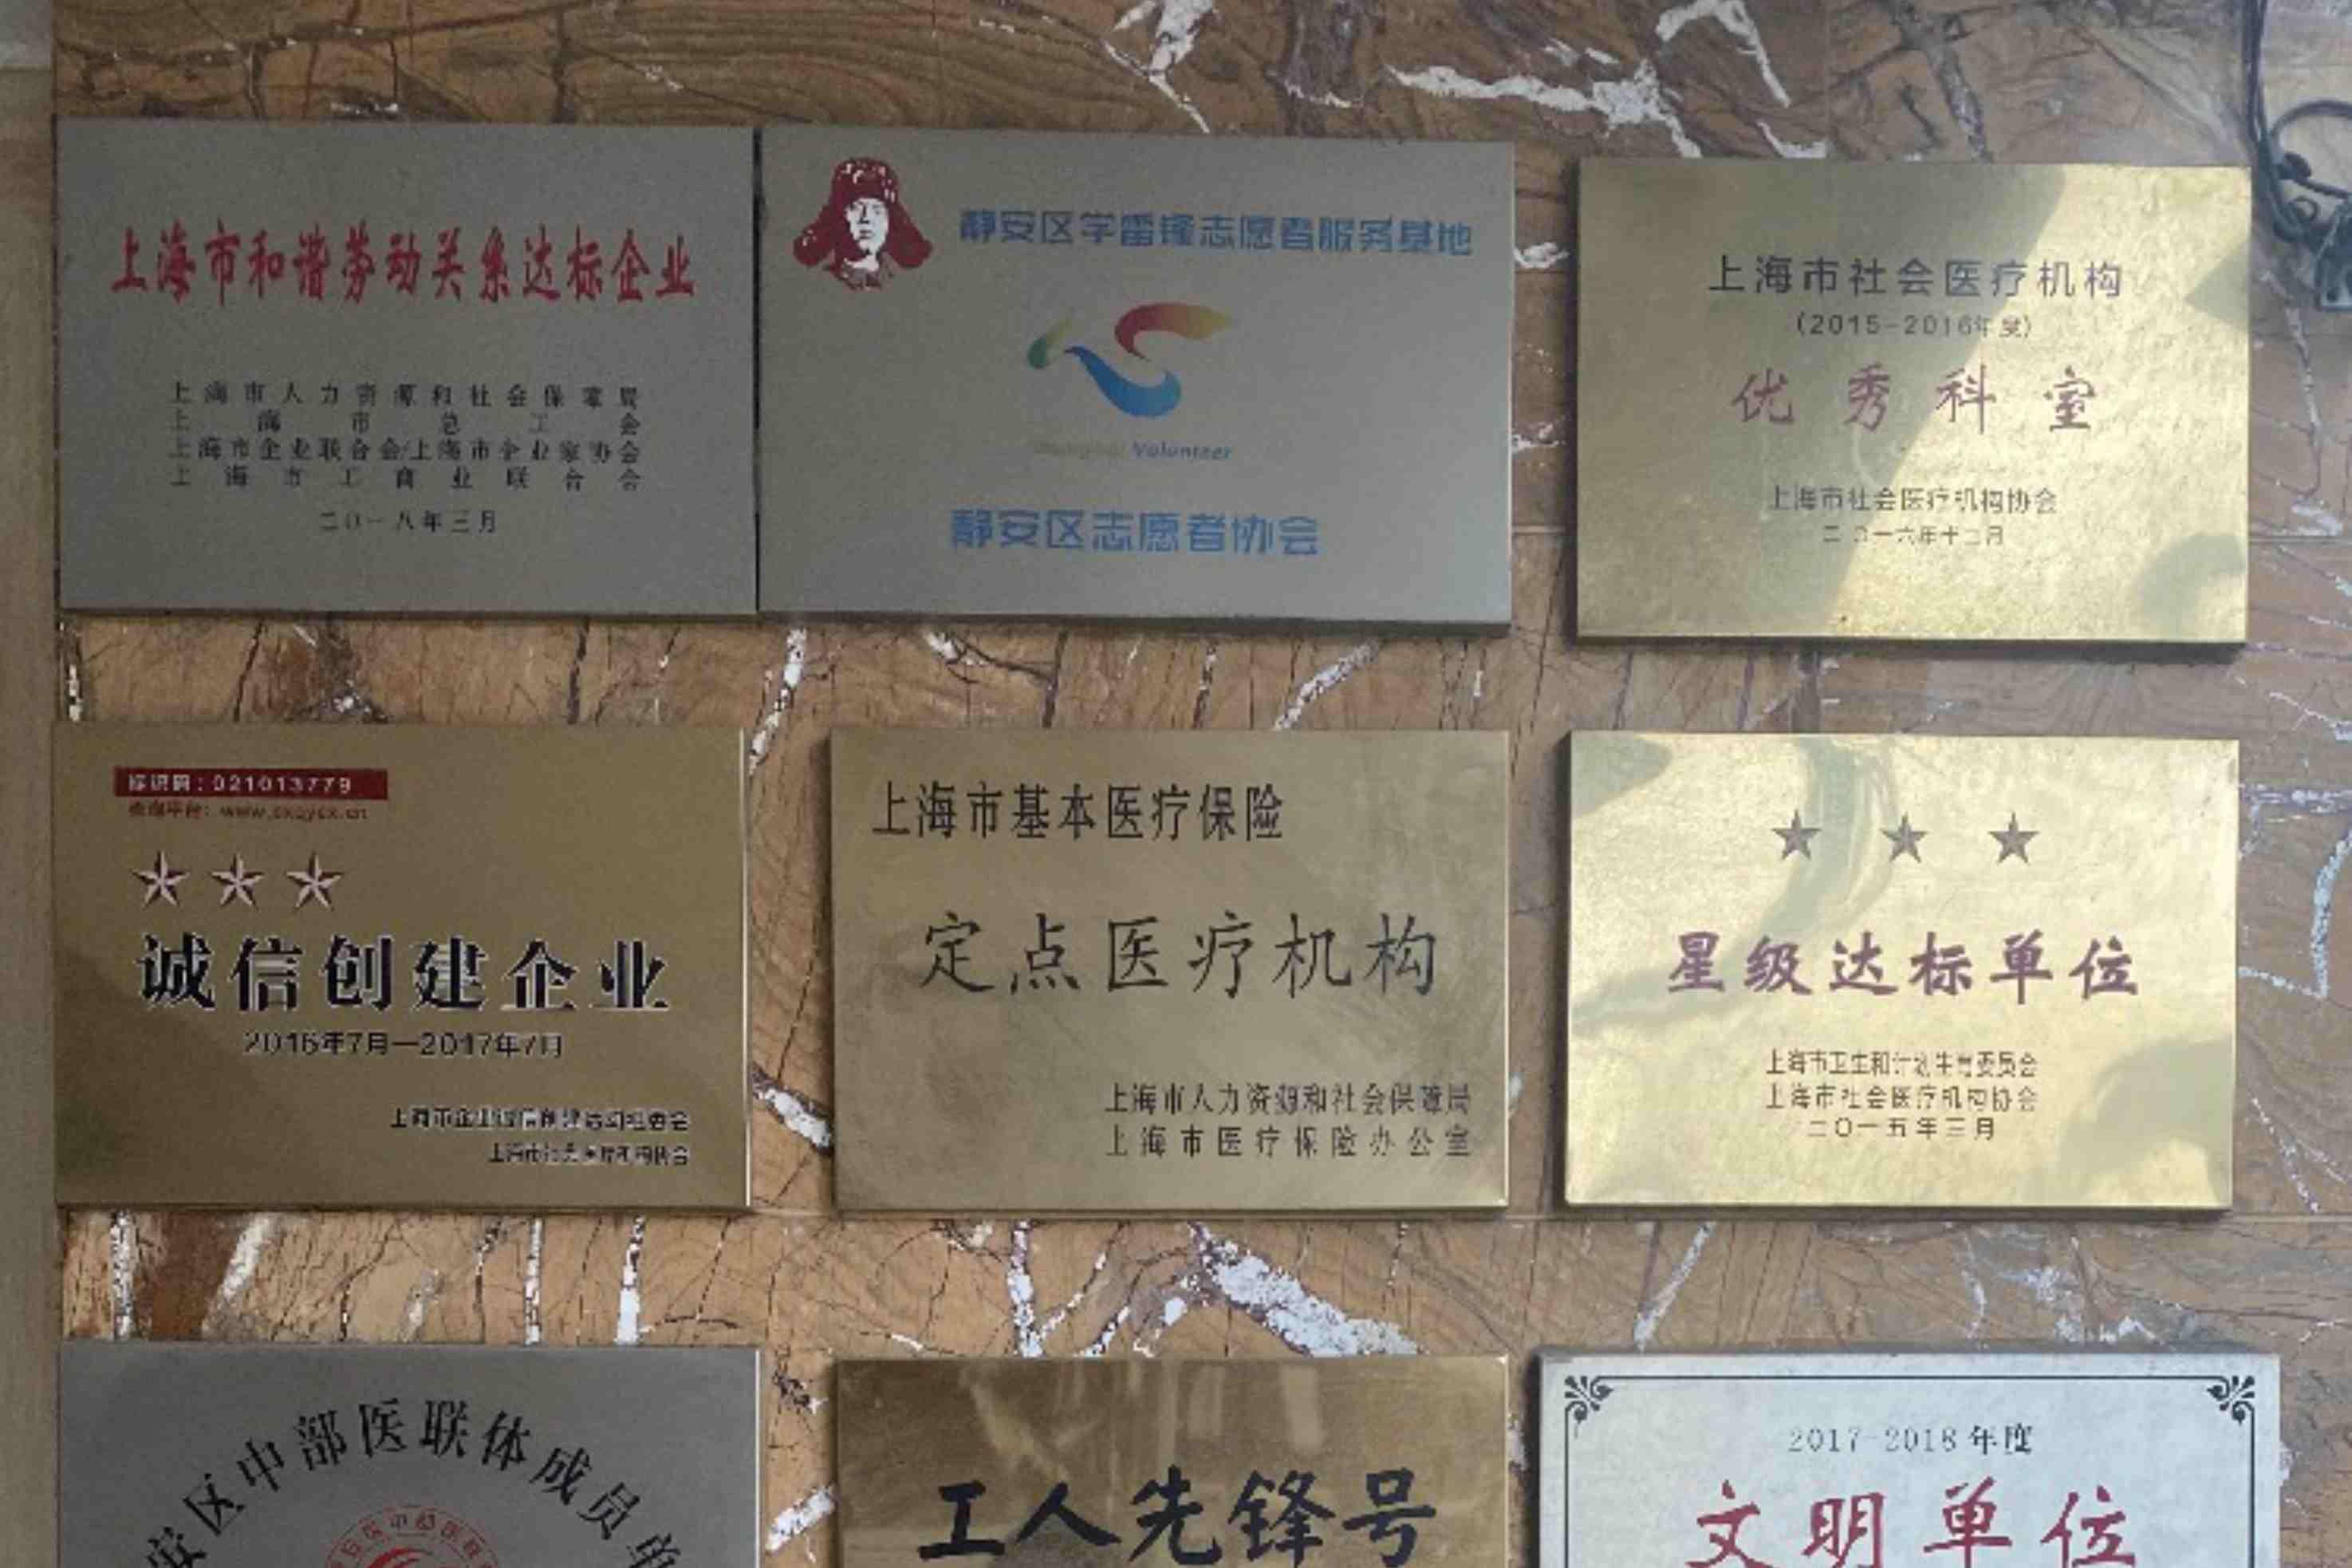 上海建桥医院-荣誉墙1